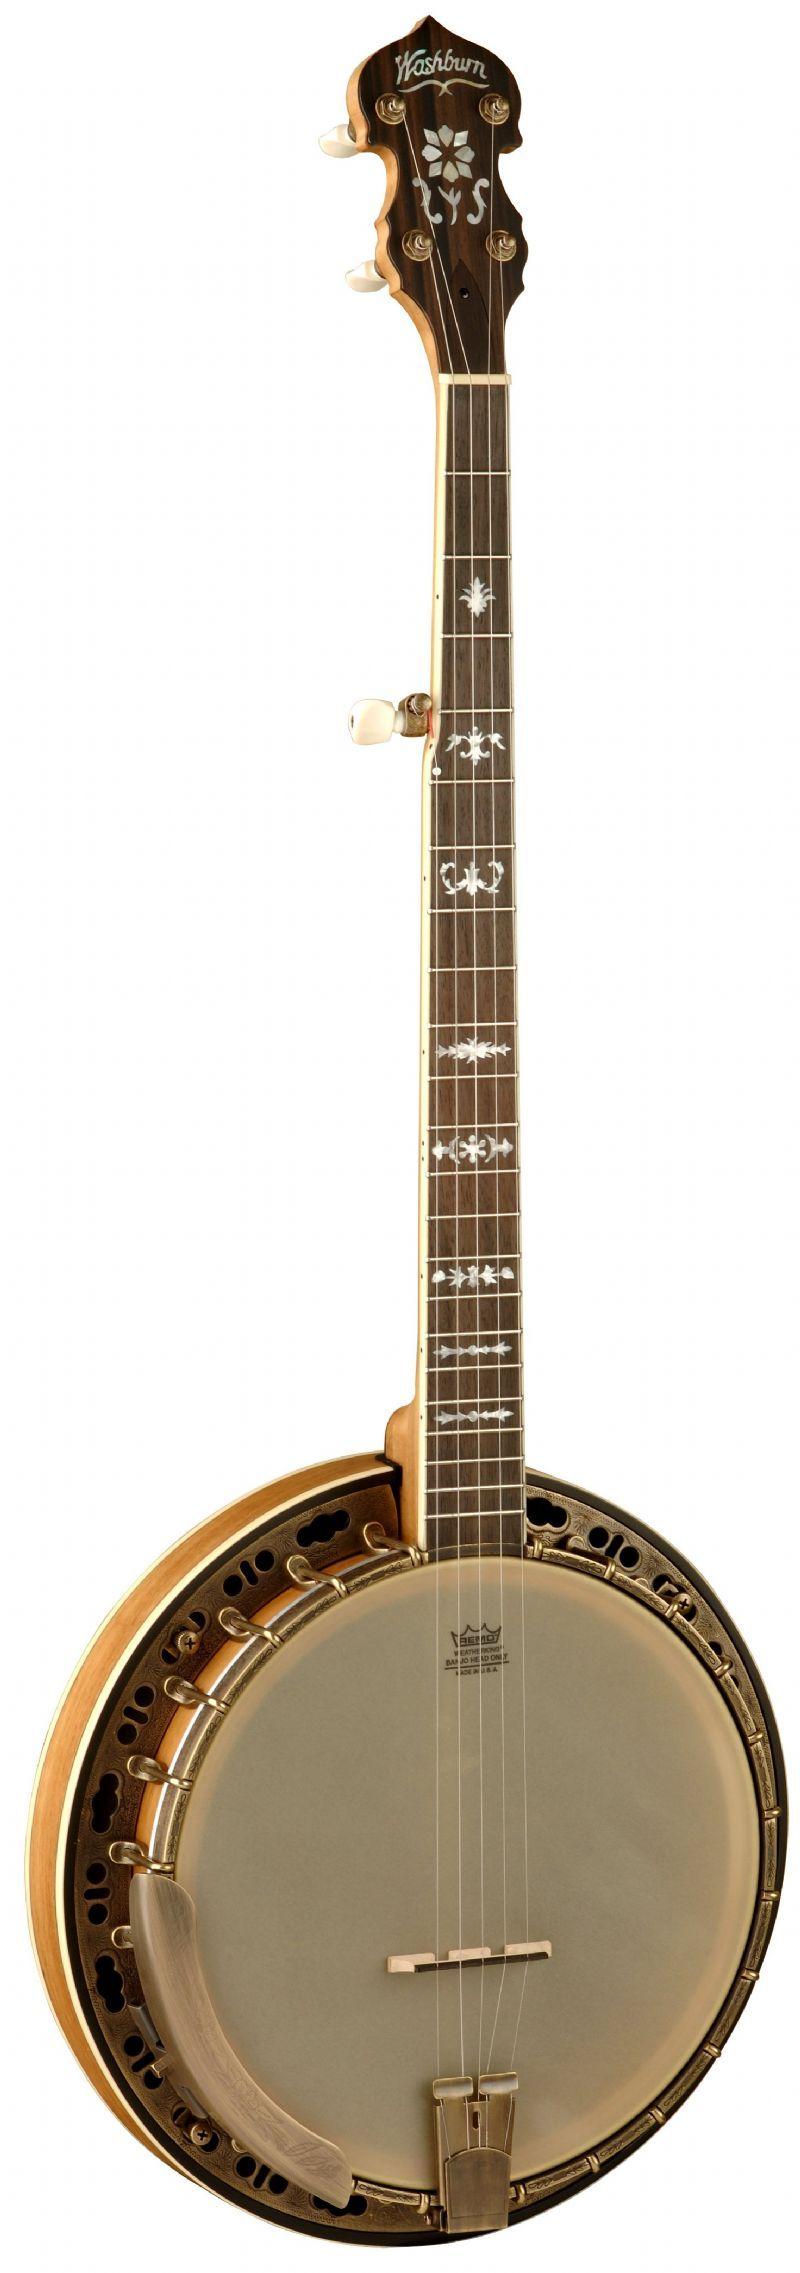 washburn b120 vintage banjo used banjo for sale at. Black Bedroom Furniture Sets. Home Design Ideas